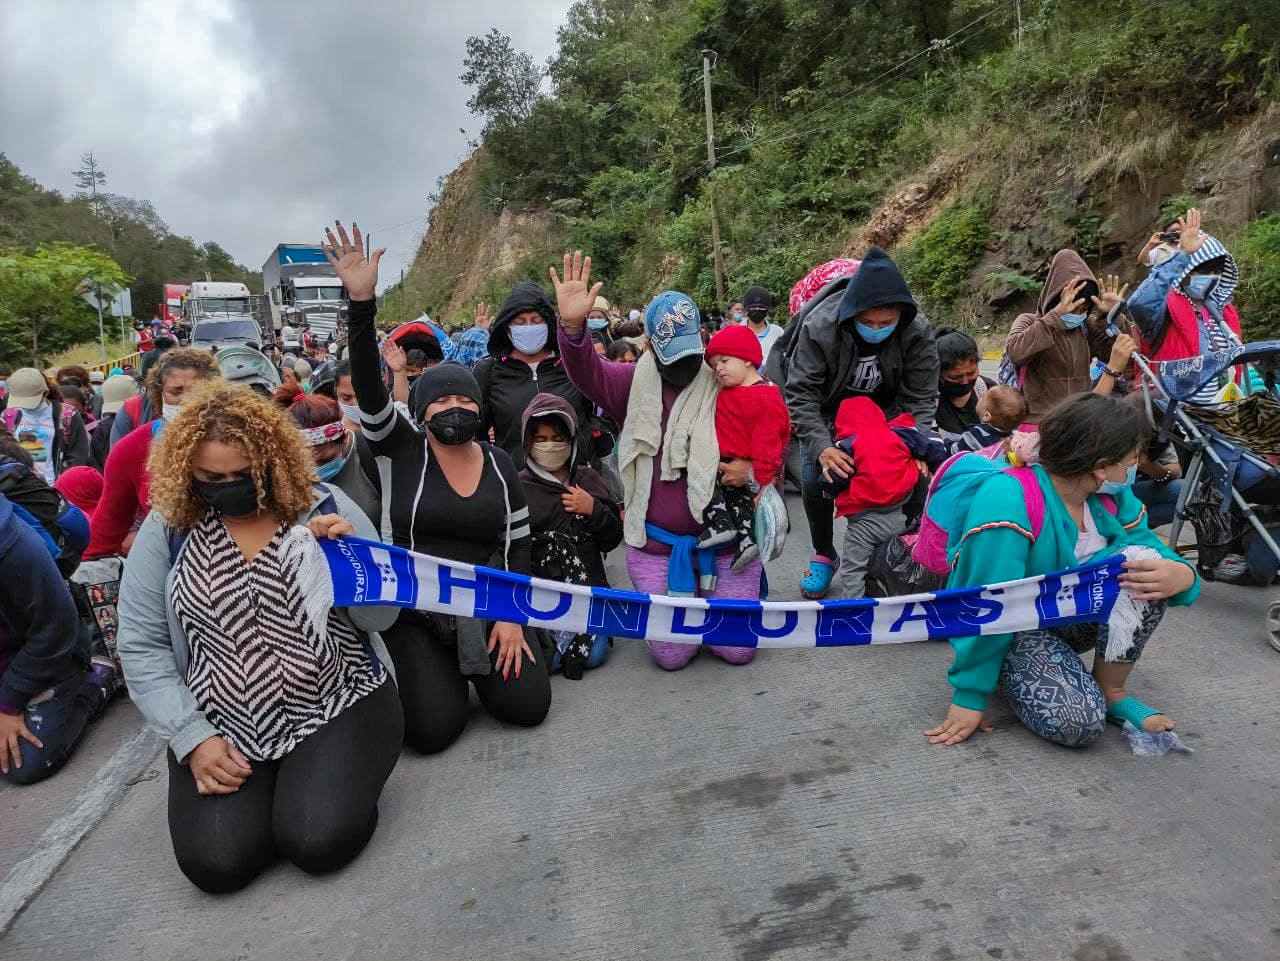 Mujeres hondureñas integrantes de la caravana, se arrodillaron invocando el poder de Dios para avanzar hacia territorio guatemalteco. El Florido, frontera de Honduras y Guatemala, 16 de enero de 2021. Foto: Deiby Yánes.